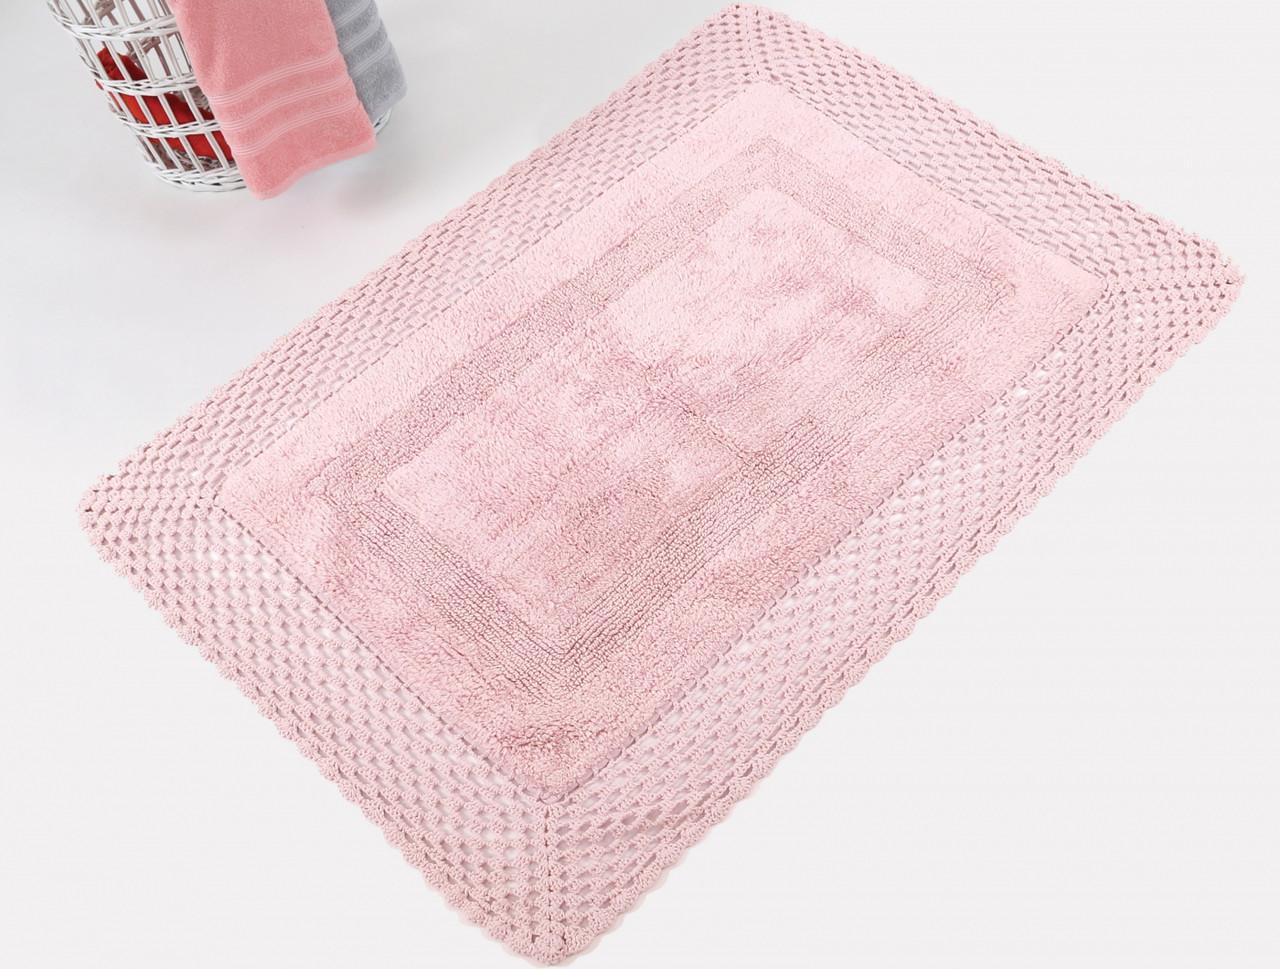 Коврик Irya - Lizz pembe розовый 55*72